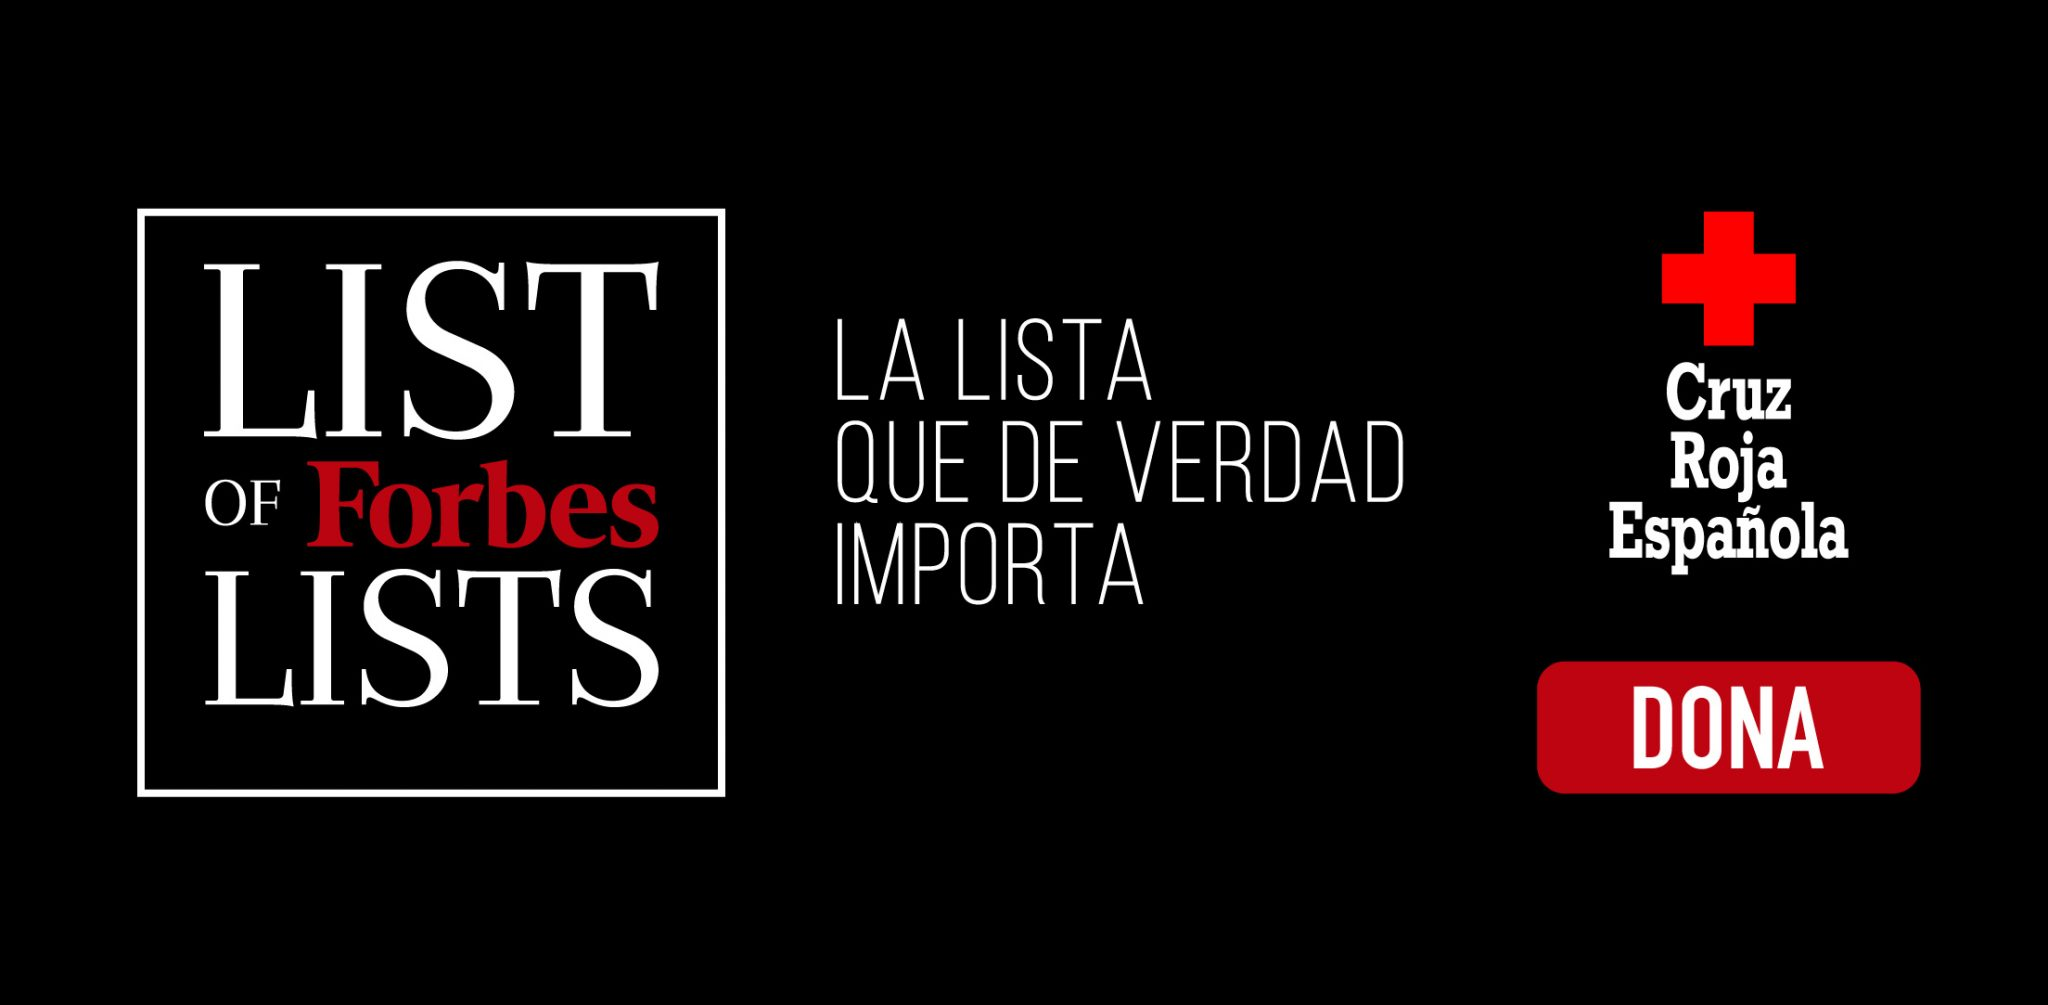 List of LISTS_Forbes Cruz Roja